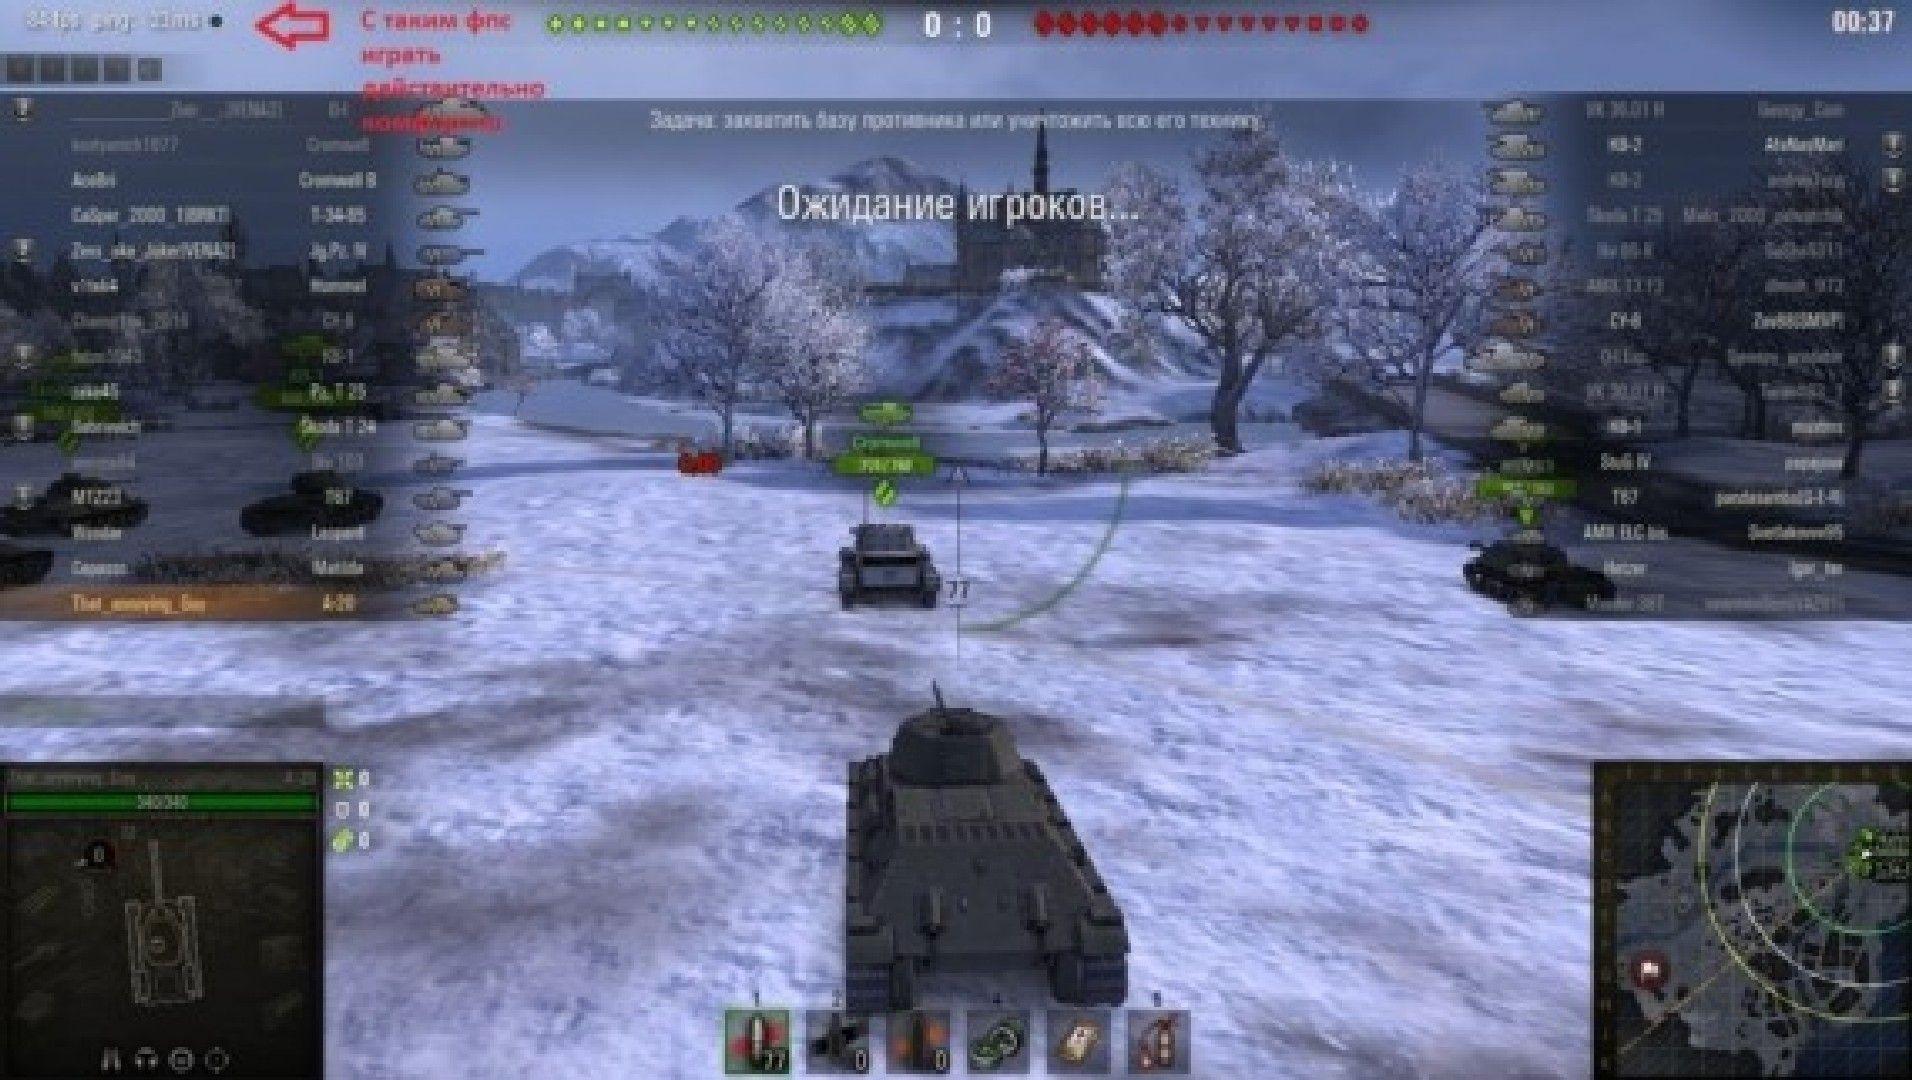 Как поднять FPS в World of Tanks